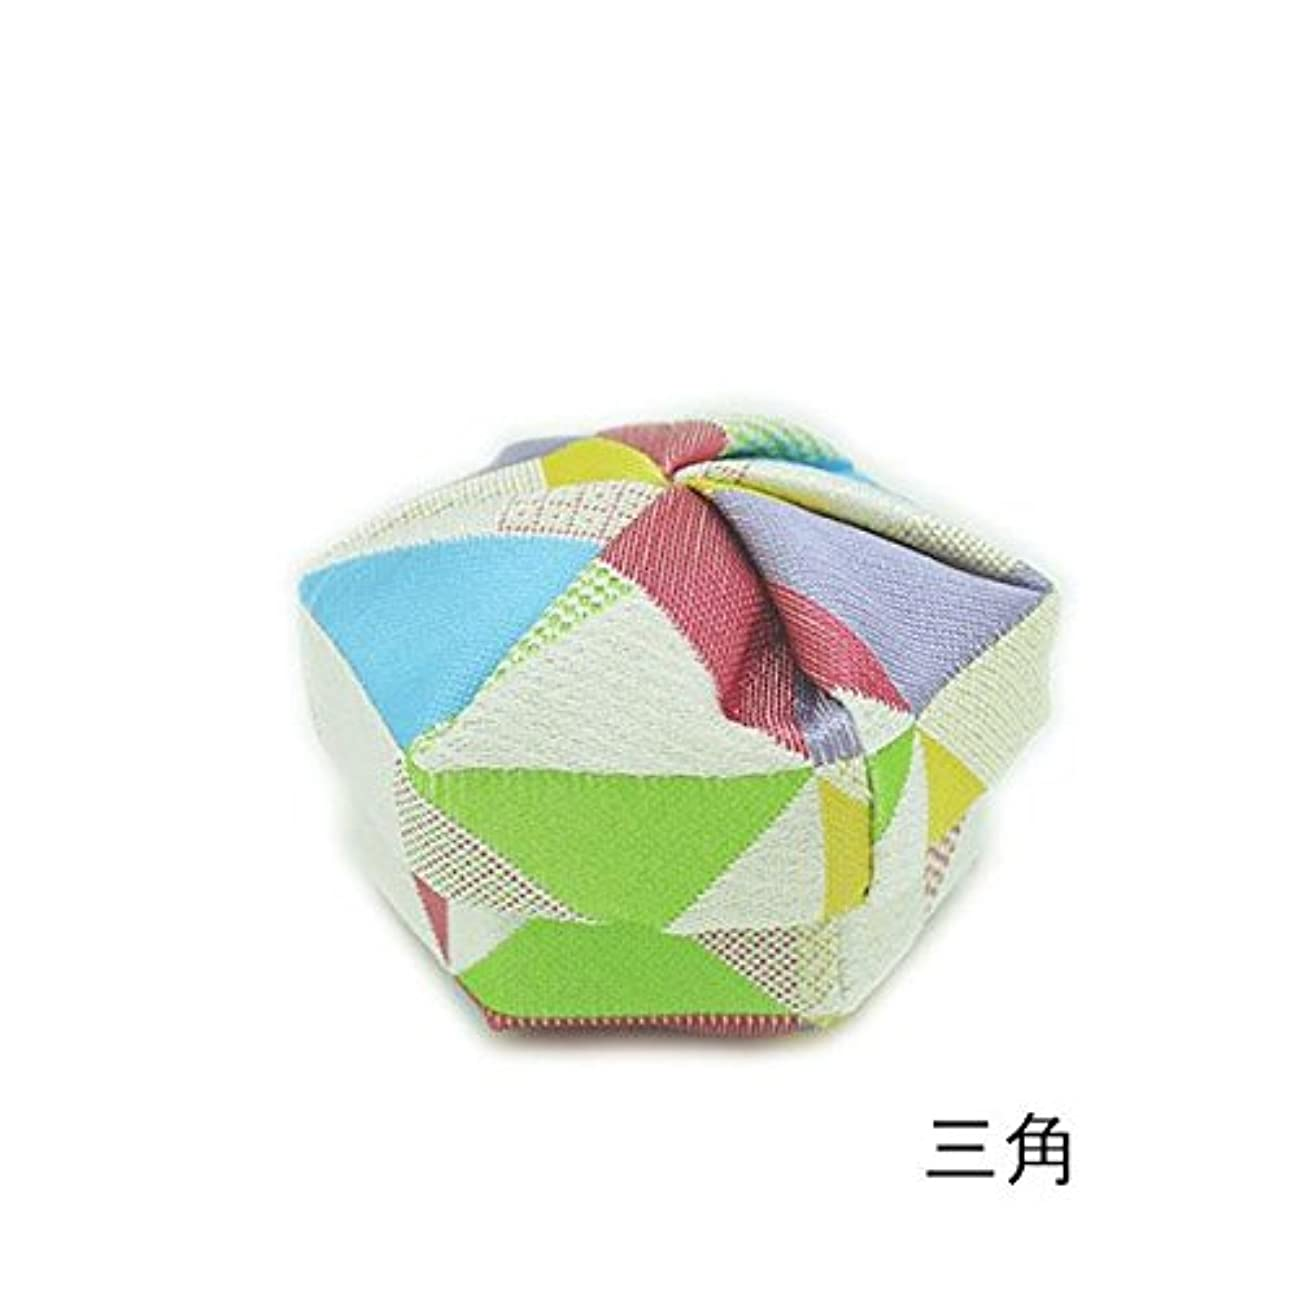 フリッパーキャベツ国民なにいろ 布香合  (三角)